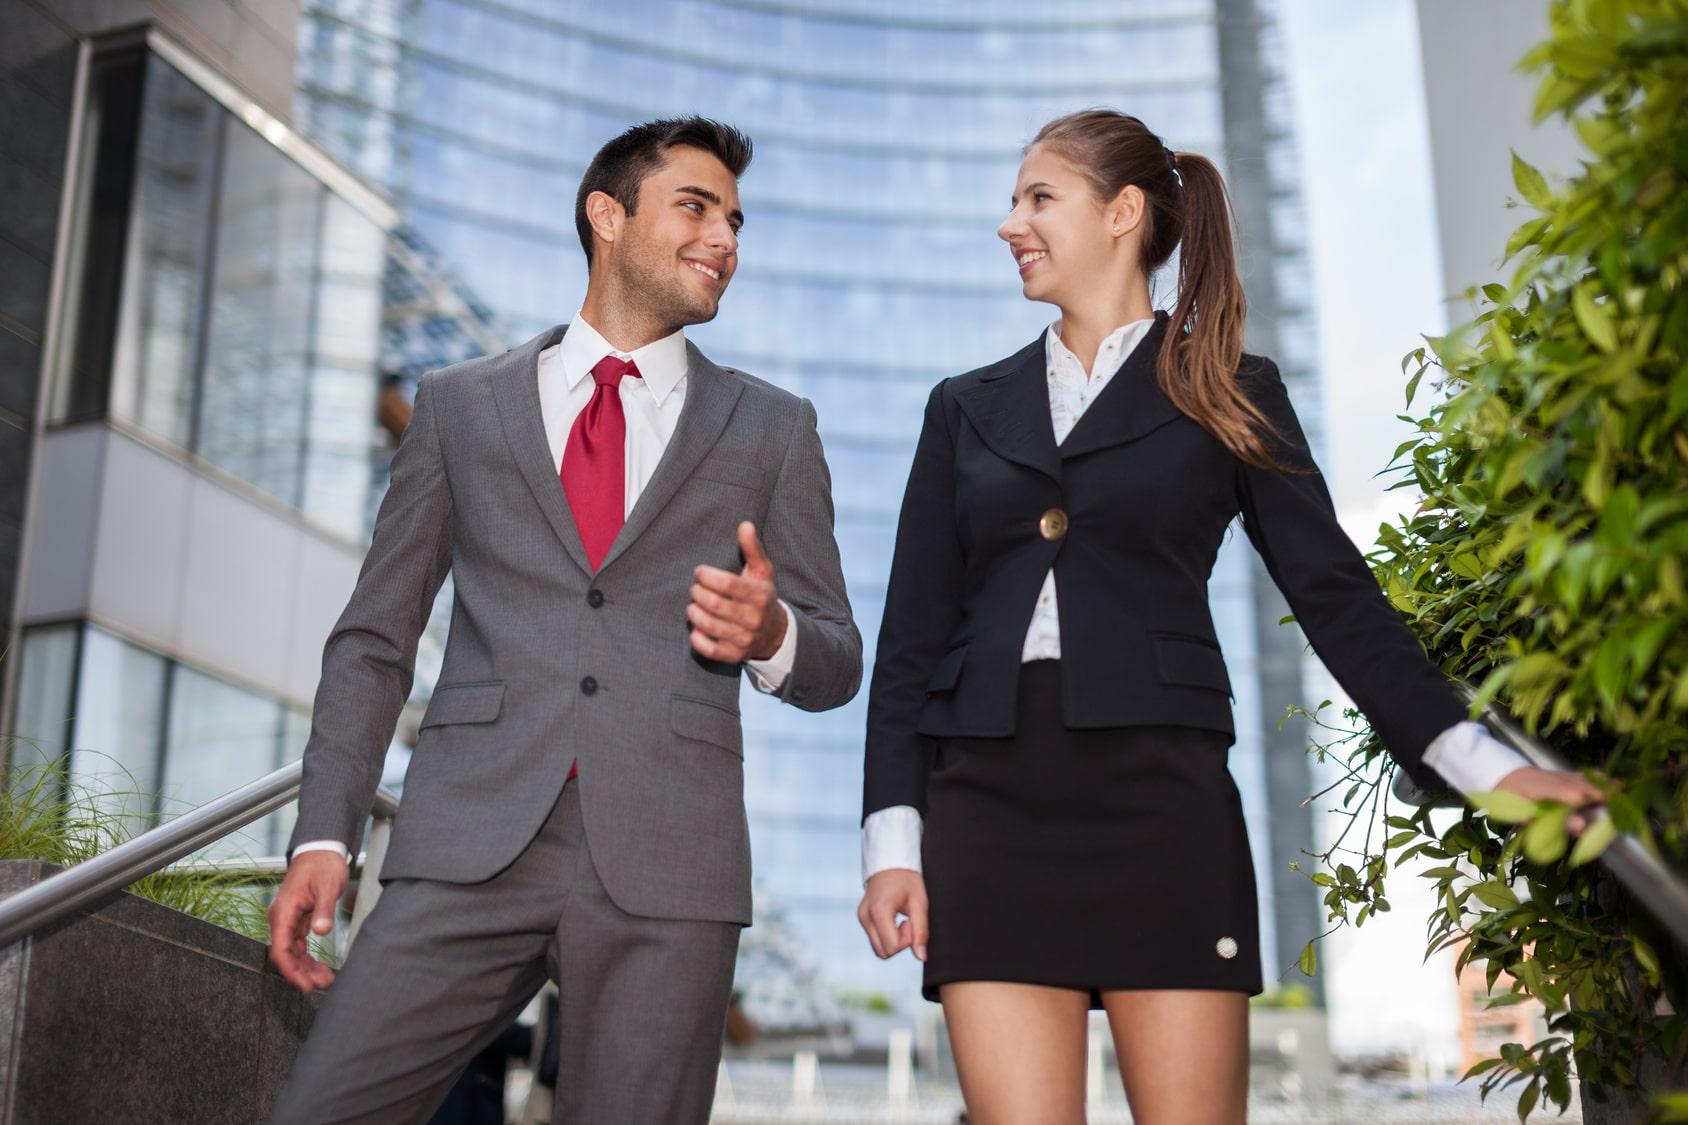 Ein Mann und eine Frau laufen eine Treppe hinunter und unterhalten sich dabei. Beide sind Arbeitskollegen und strahlen ein sehr starkes selbstbewusstsein aus. Er ist bekleidet mit einem hellgrauen Anzug, weisses Hemd und roter Kravatte und die Frau trägt eine schwarze Jacketjacke mit einem passend kurzen schwarzen Rock in Kniehöhe. Im Hintergrund ist ein Hochhaus mit einer Glasfassade zu sehen.